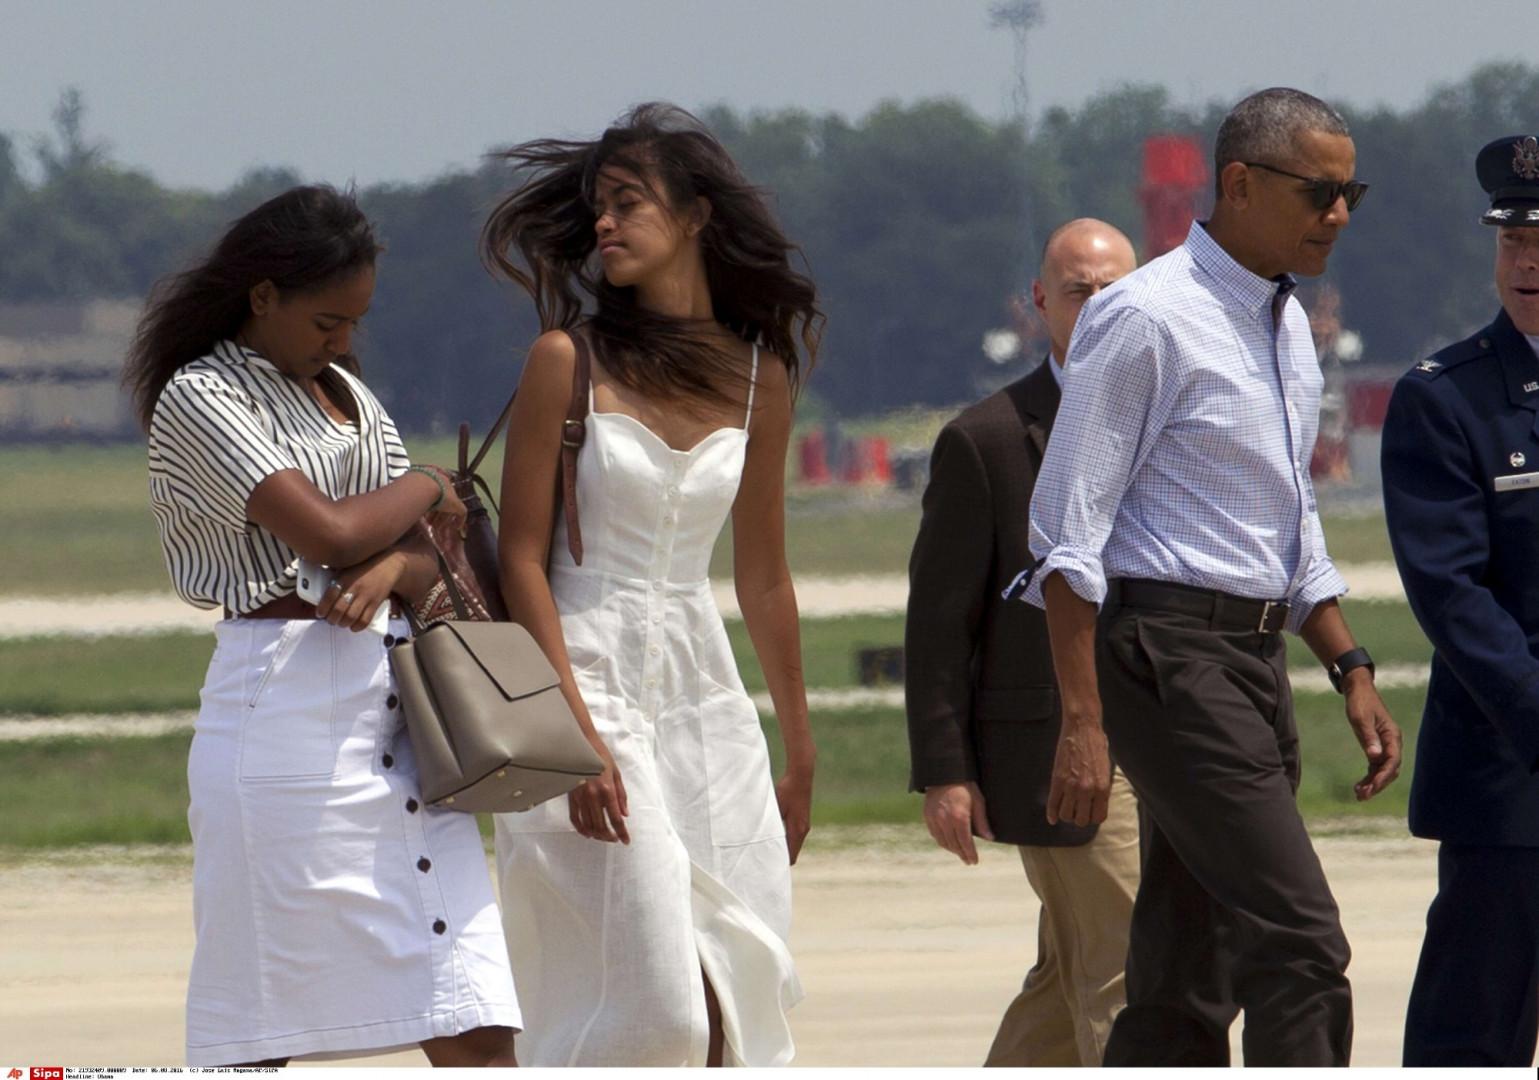 Robe blanche ultra-stylée, jupe crayon taille haute et effet capillaire bien rôdé : pas de doute, les soeurs Obama sont devenues de véritables fashionistas.